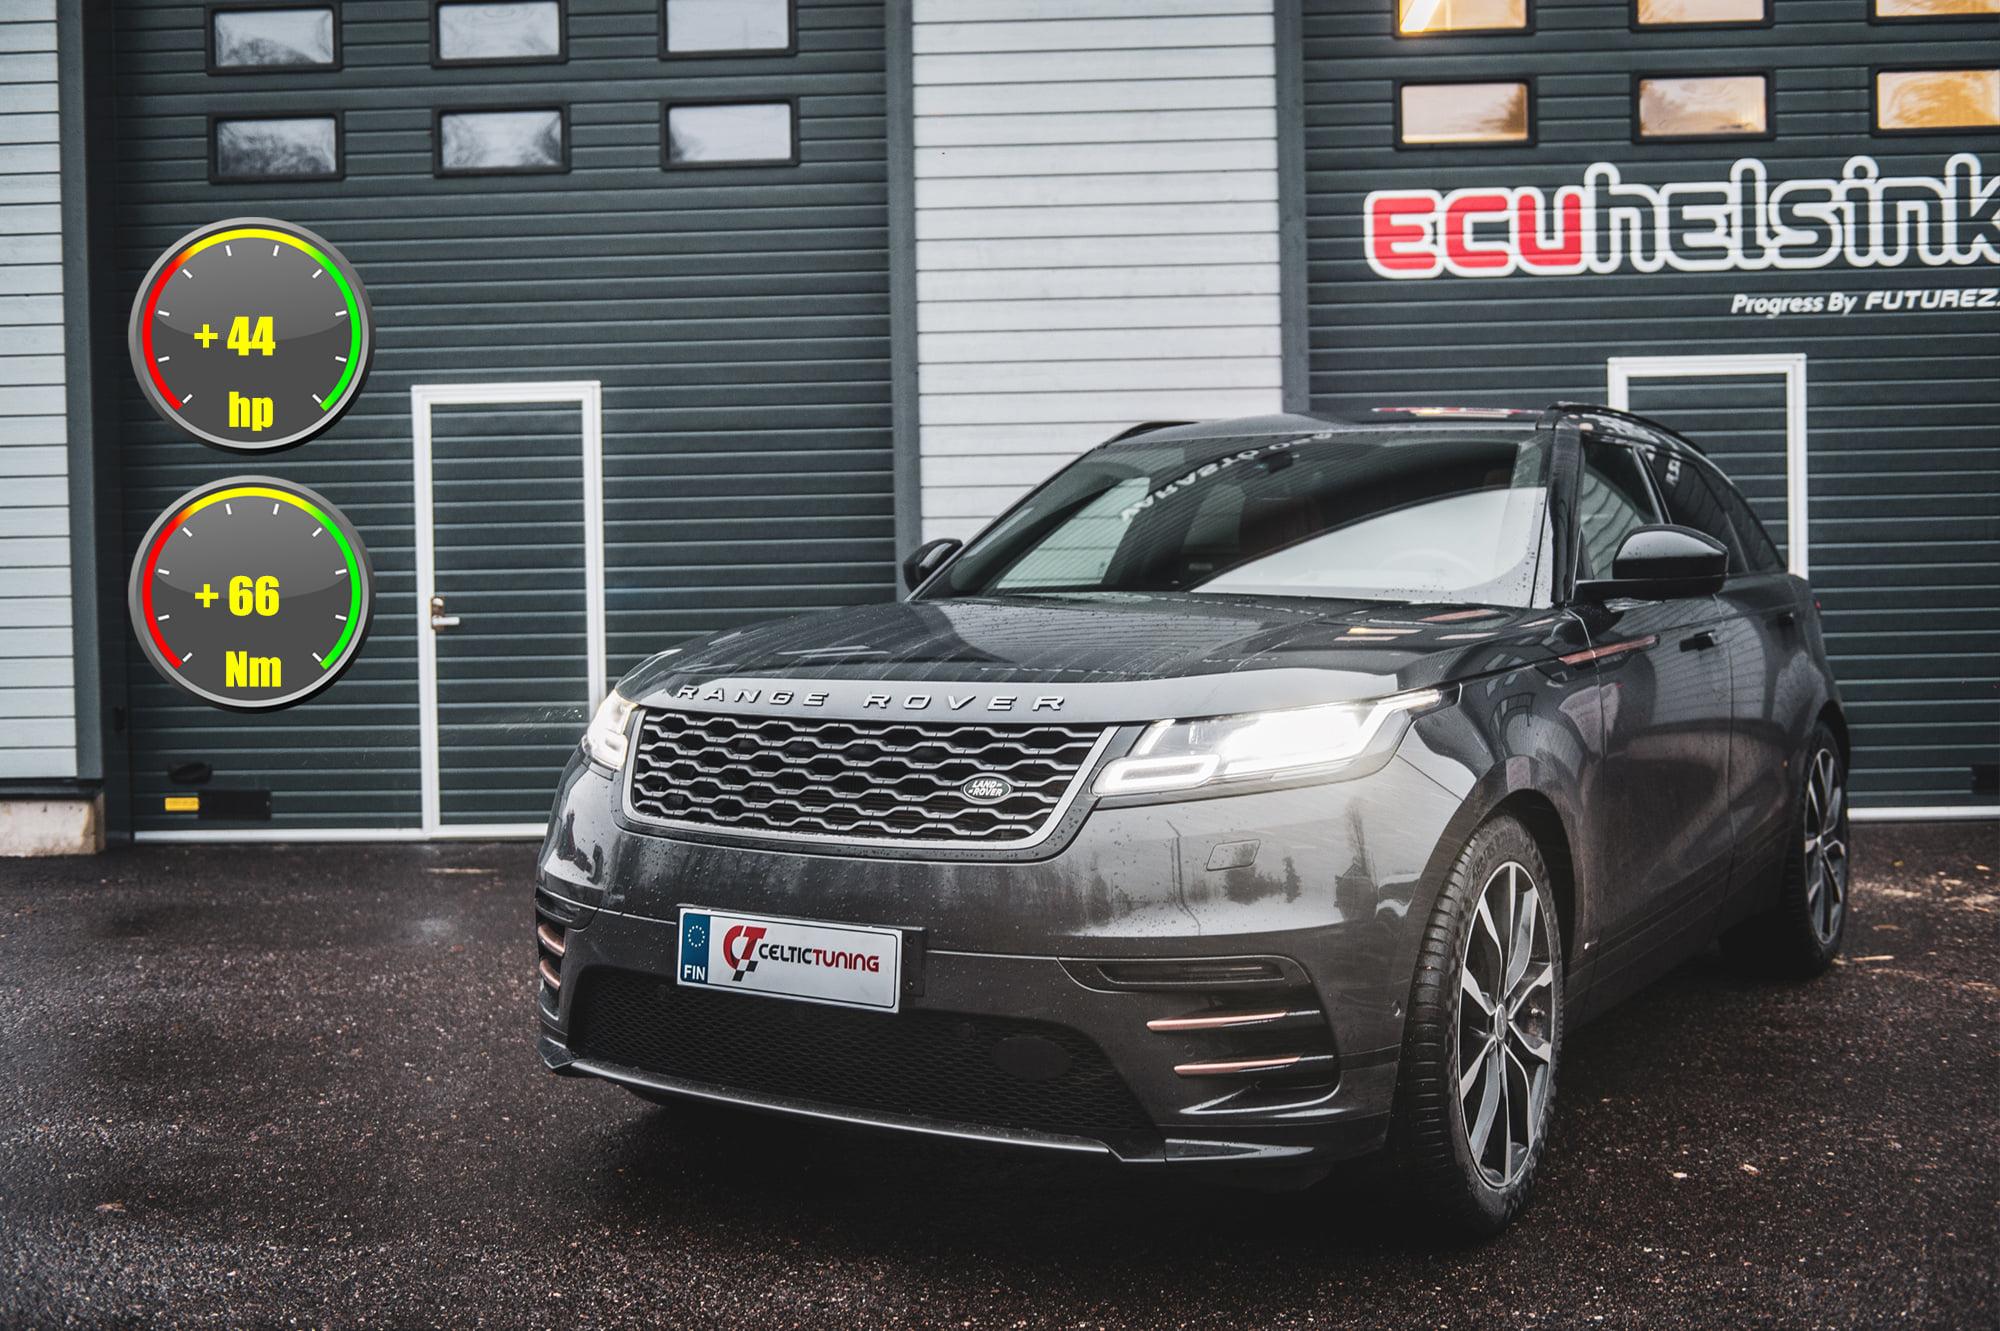 Land Rover celtictuning ohjelmointi